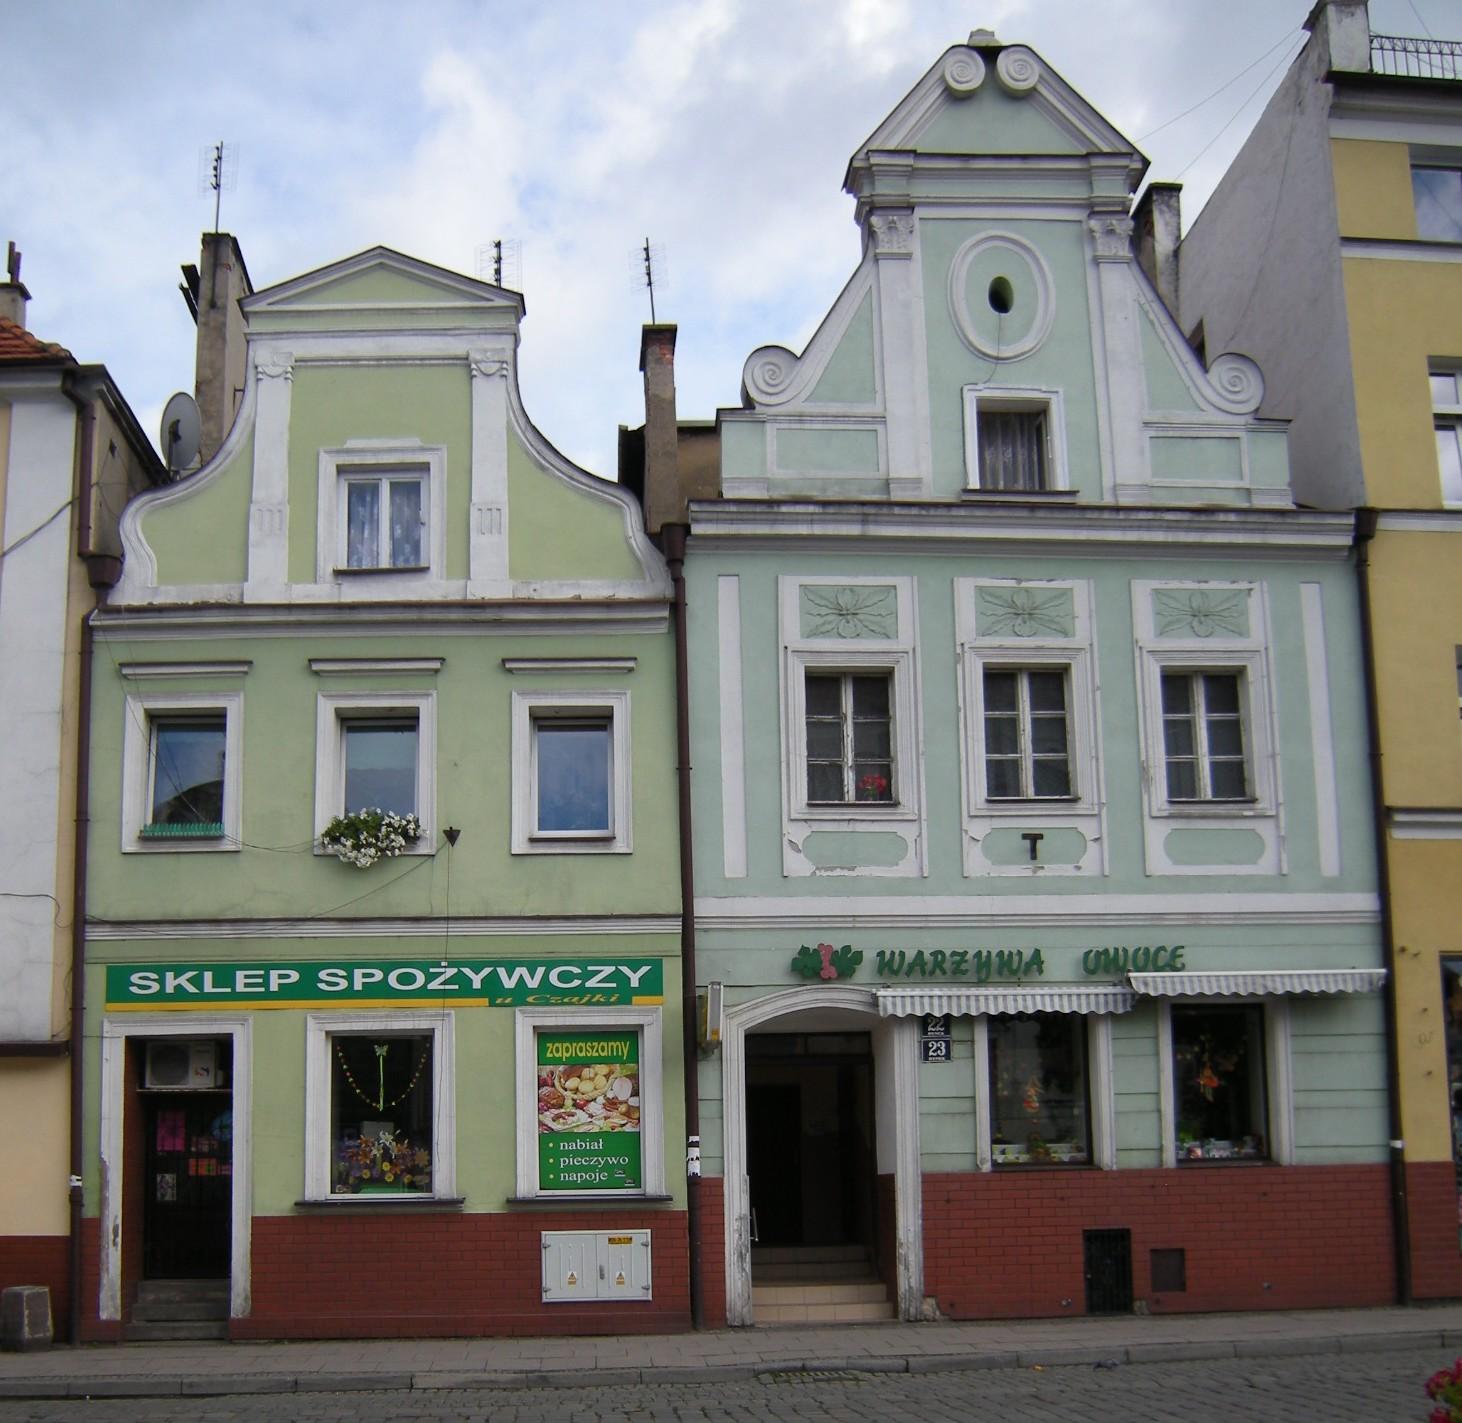 File:Paczków Rynek 23 i 24.jpg - Wikimedia Commons